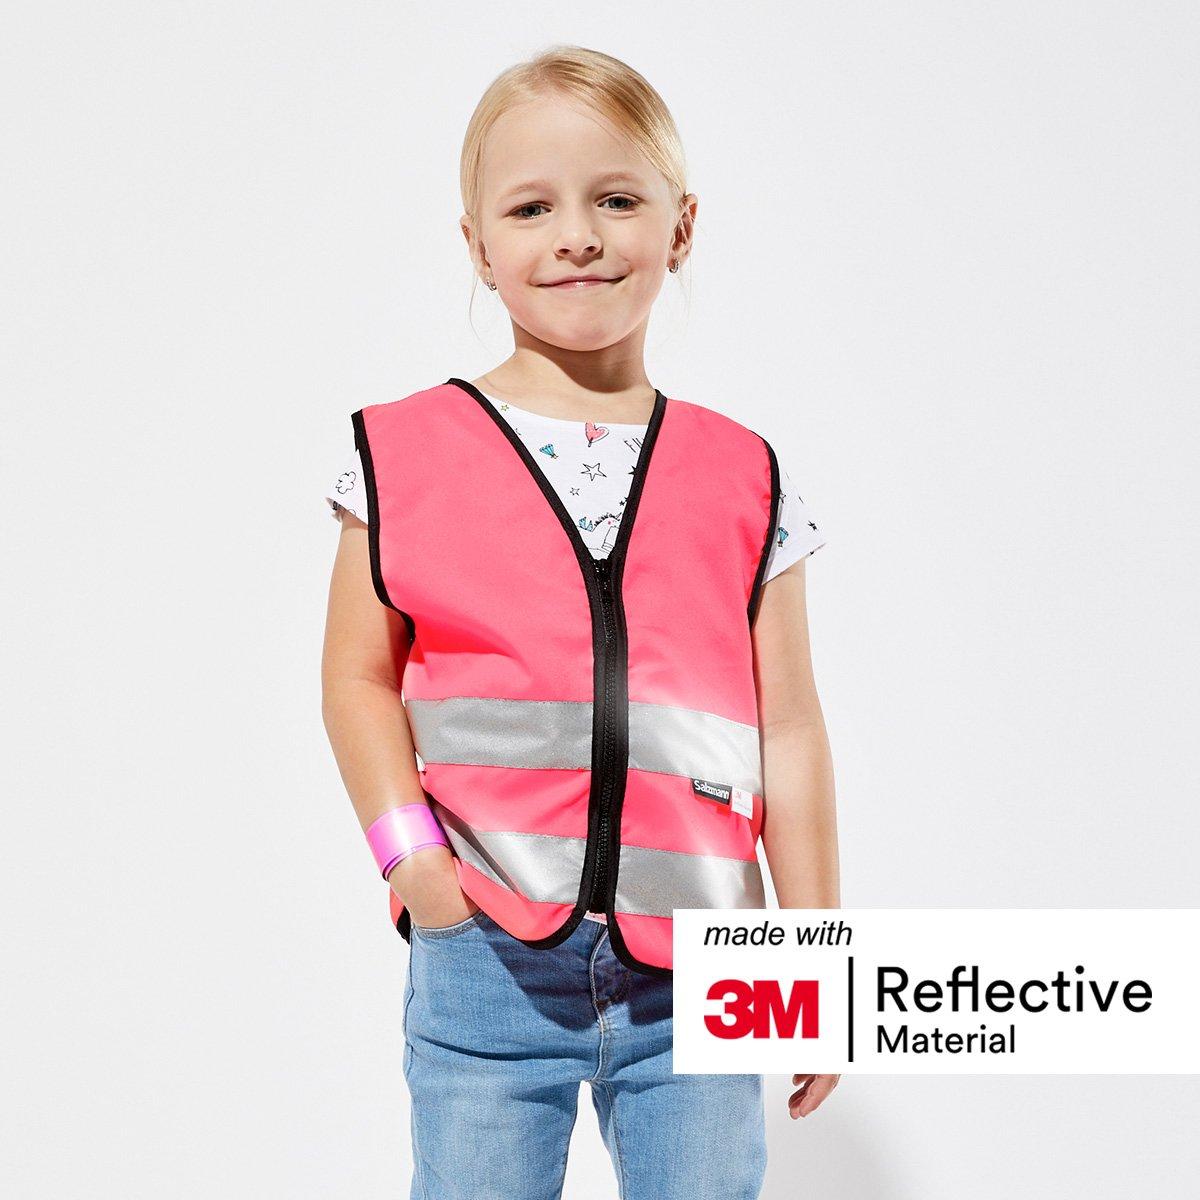 Salzmann 3M Warnweste f/ür Kinder mit Rei/ßverschluss in 4 Farben und 3 Gr/ö/ßen verf/ügbar mit 3M reflektierendem Material